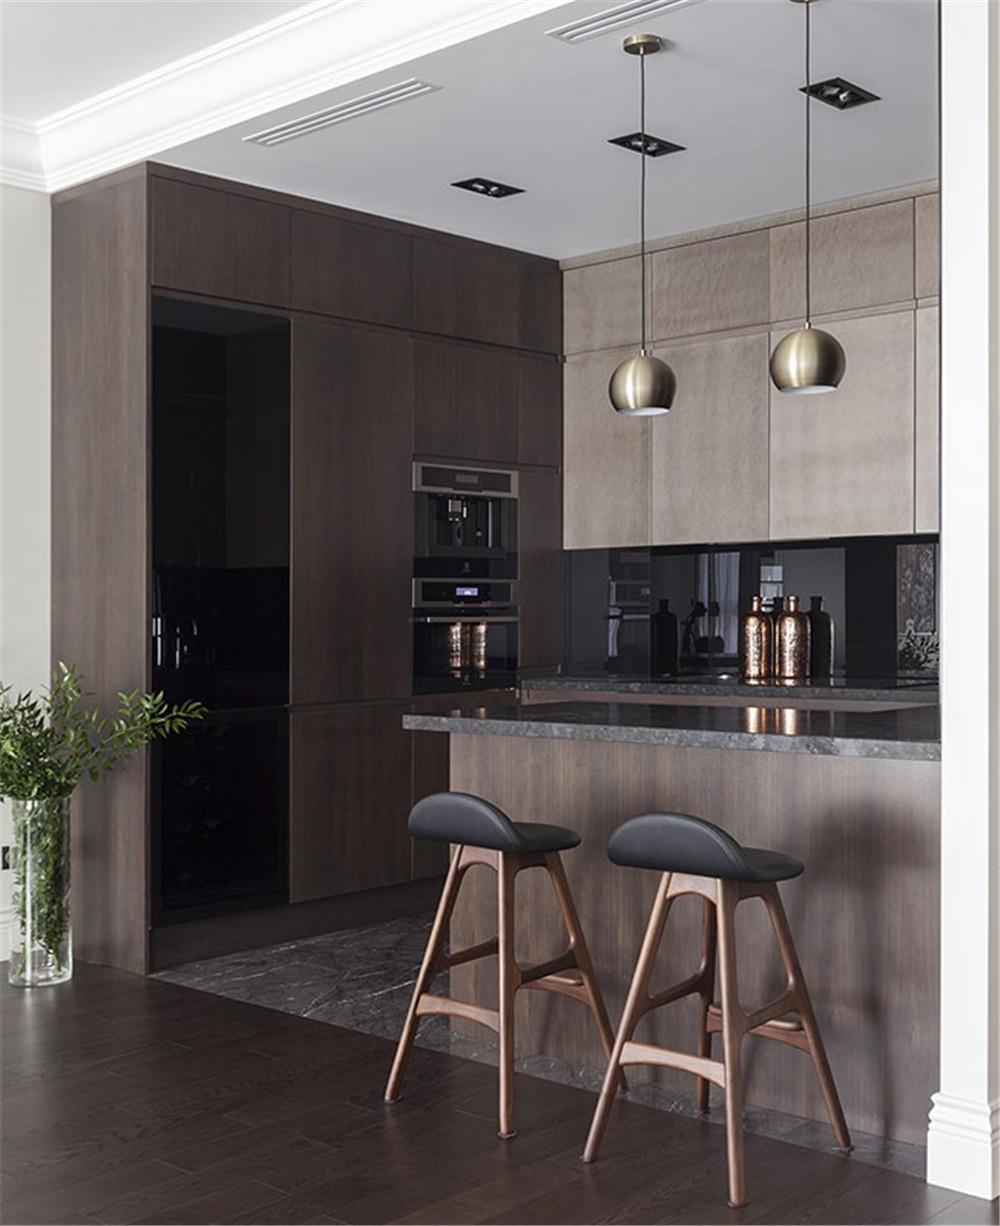 2021现代简约厨房装修图 2021现代简约吧台装饰设计